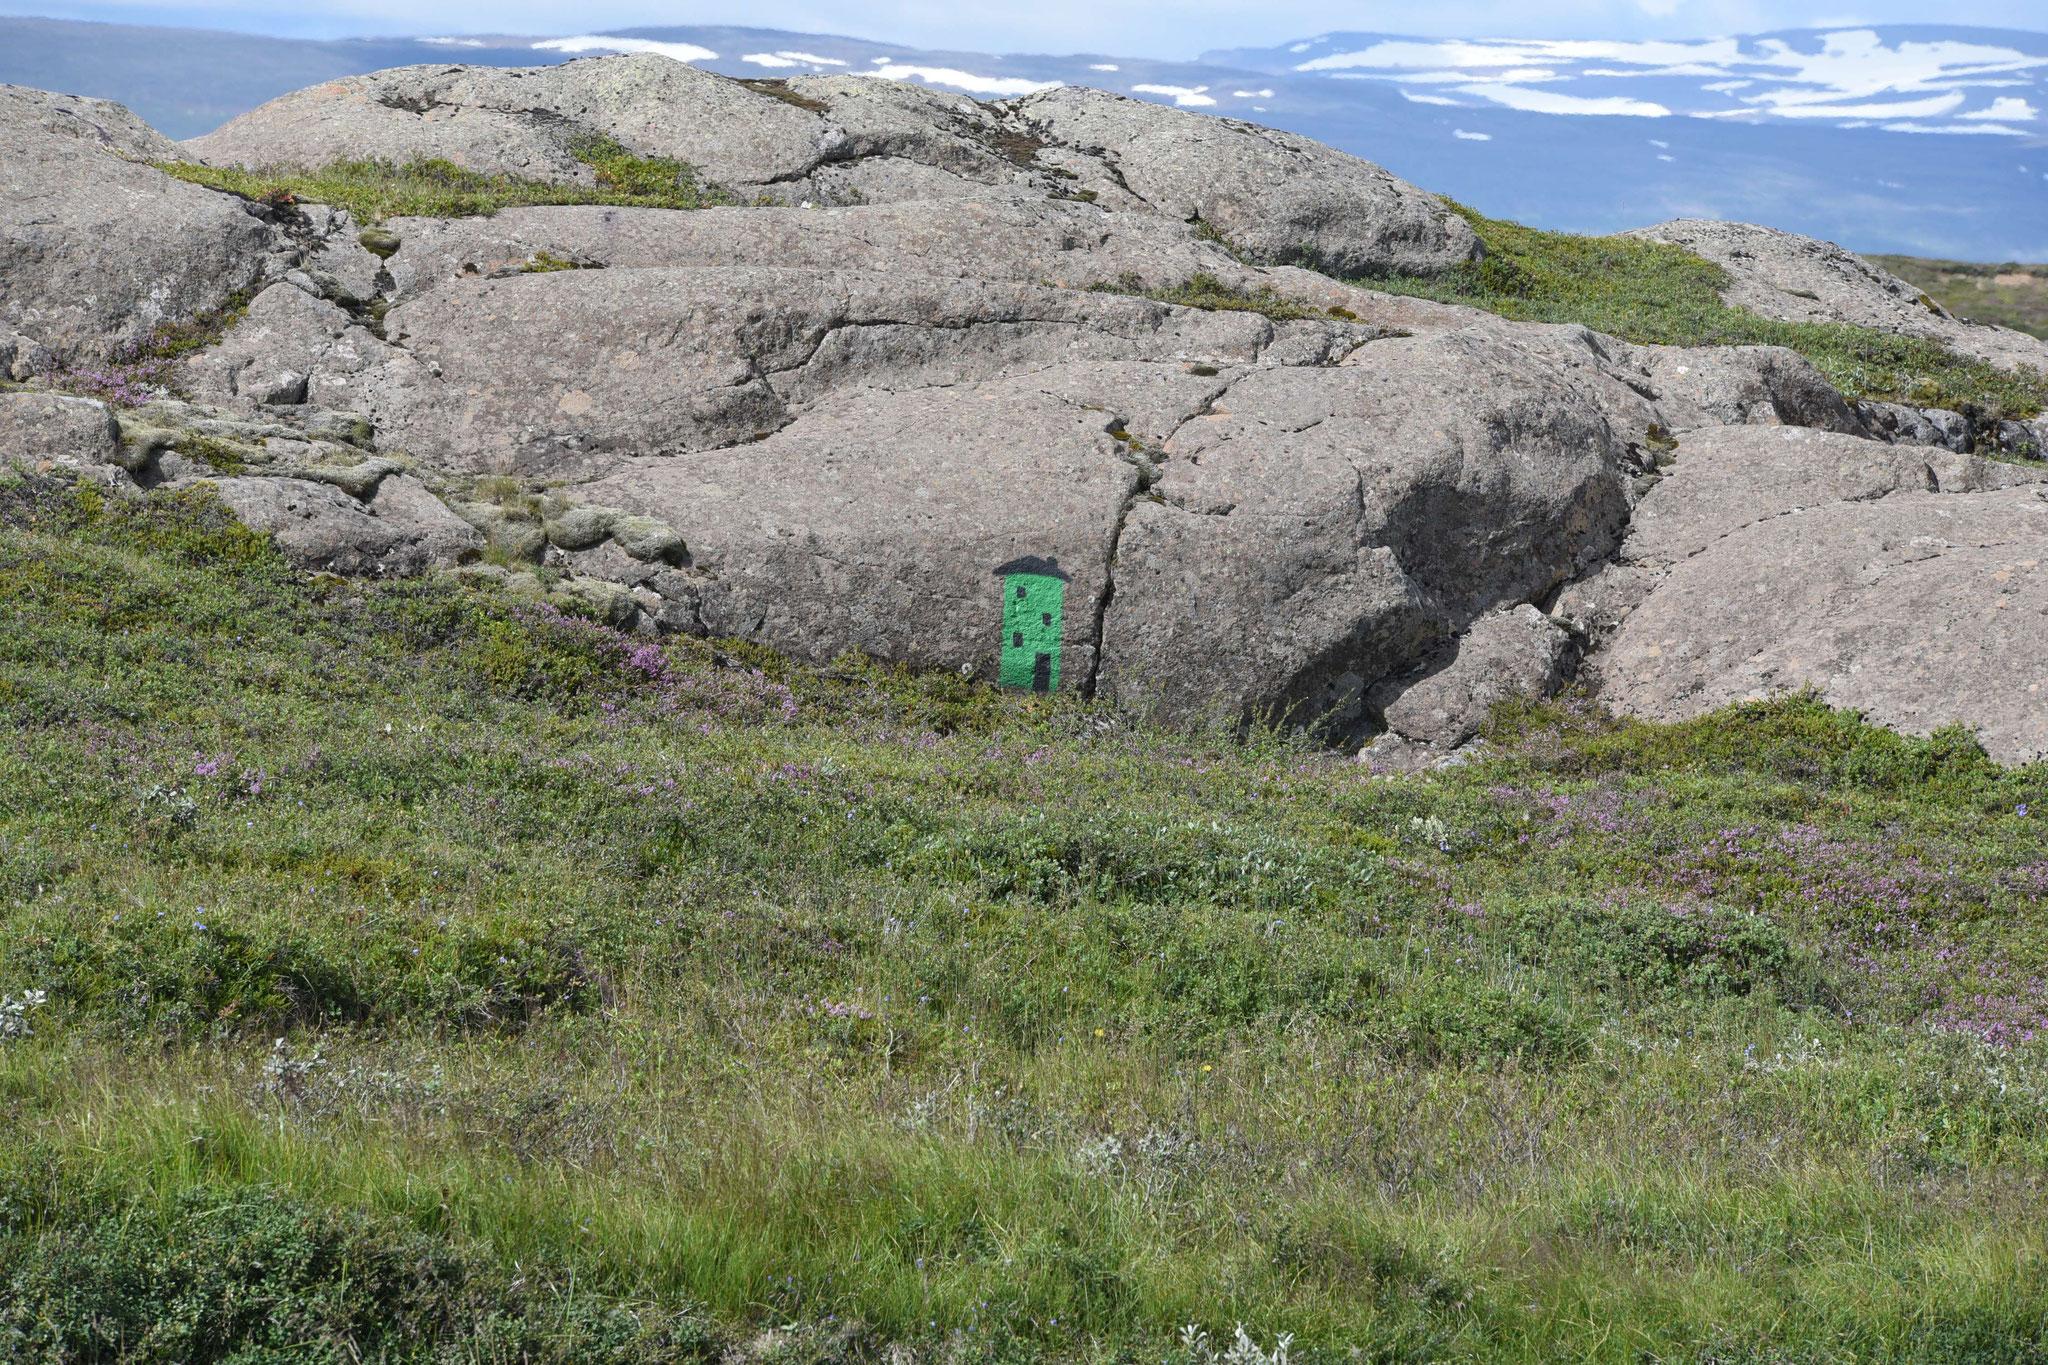 Für Trolle gemaltes Haus - es gibt sogar einen Minister für Trolle in Island!